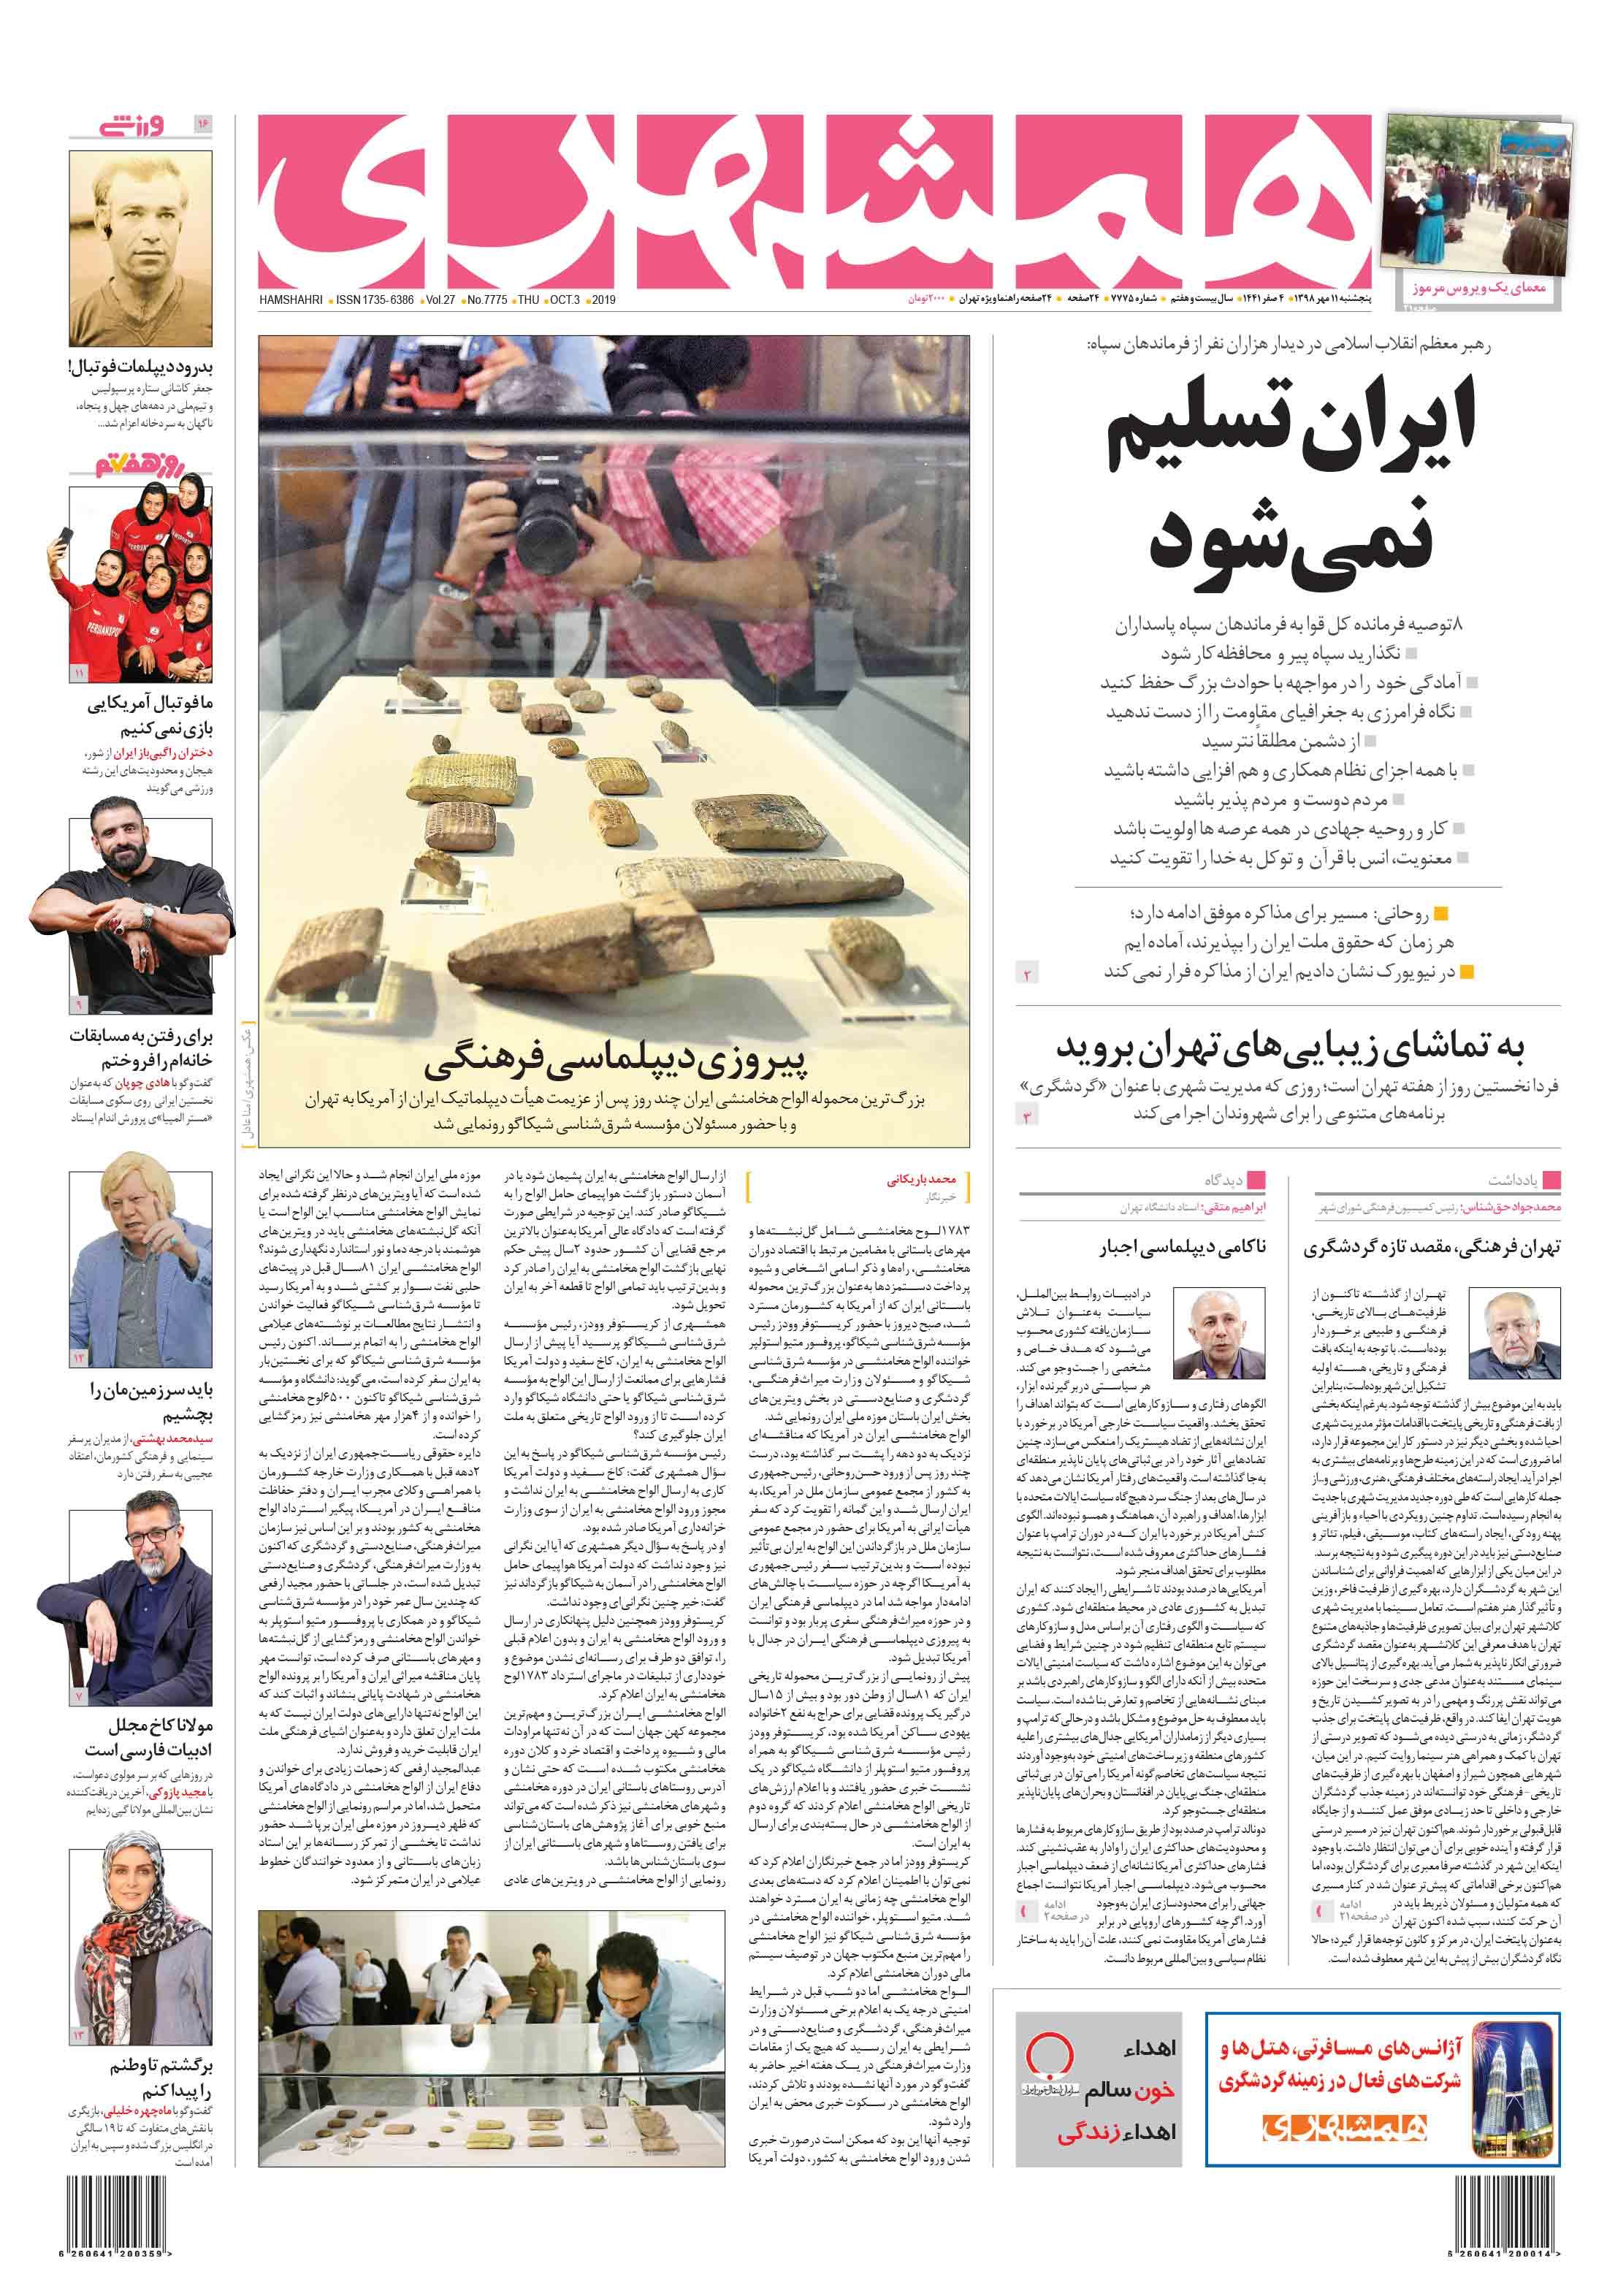 صفحه اول پنجشنبه 11 مهر 1398